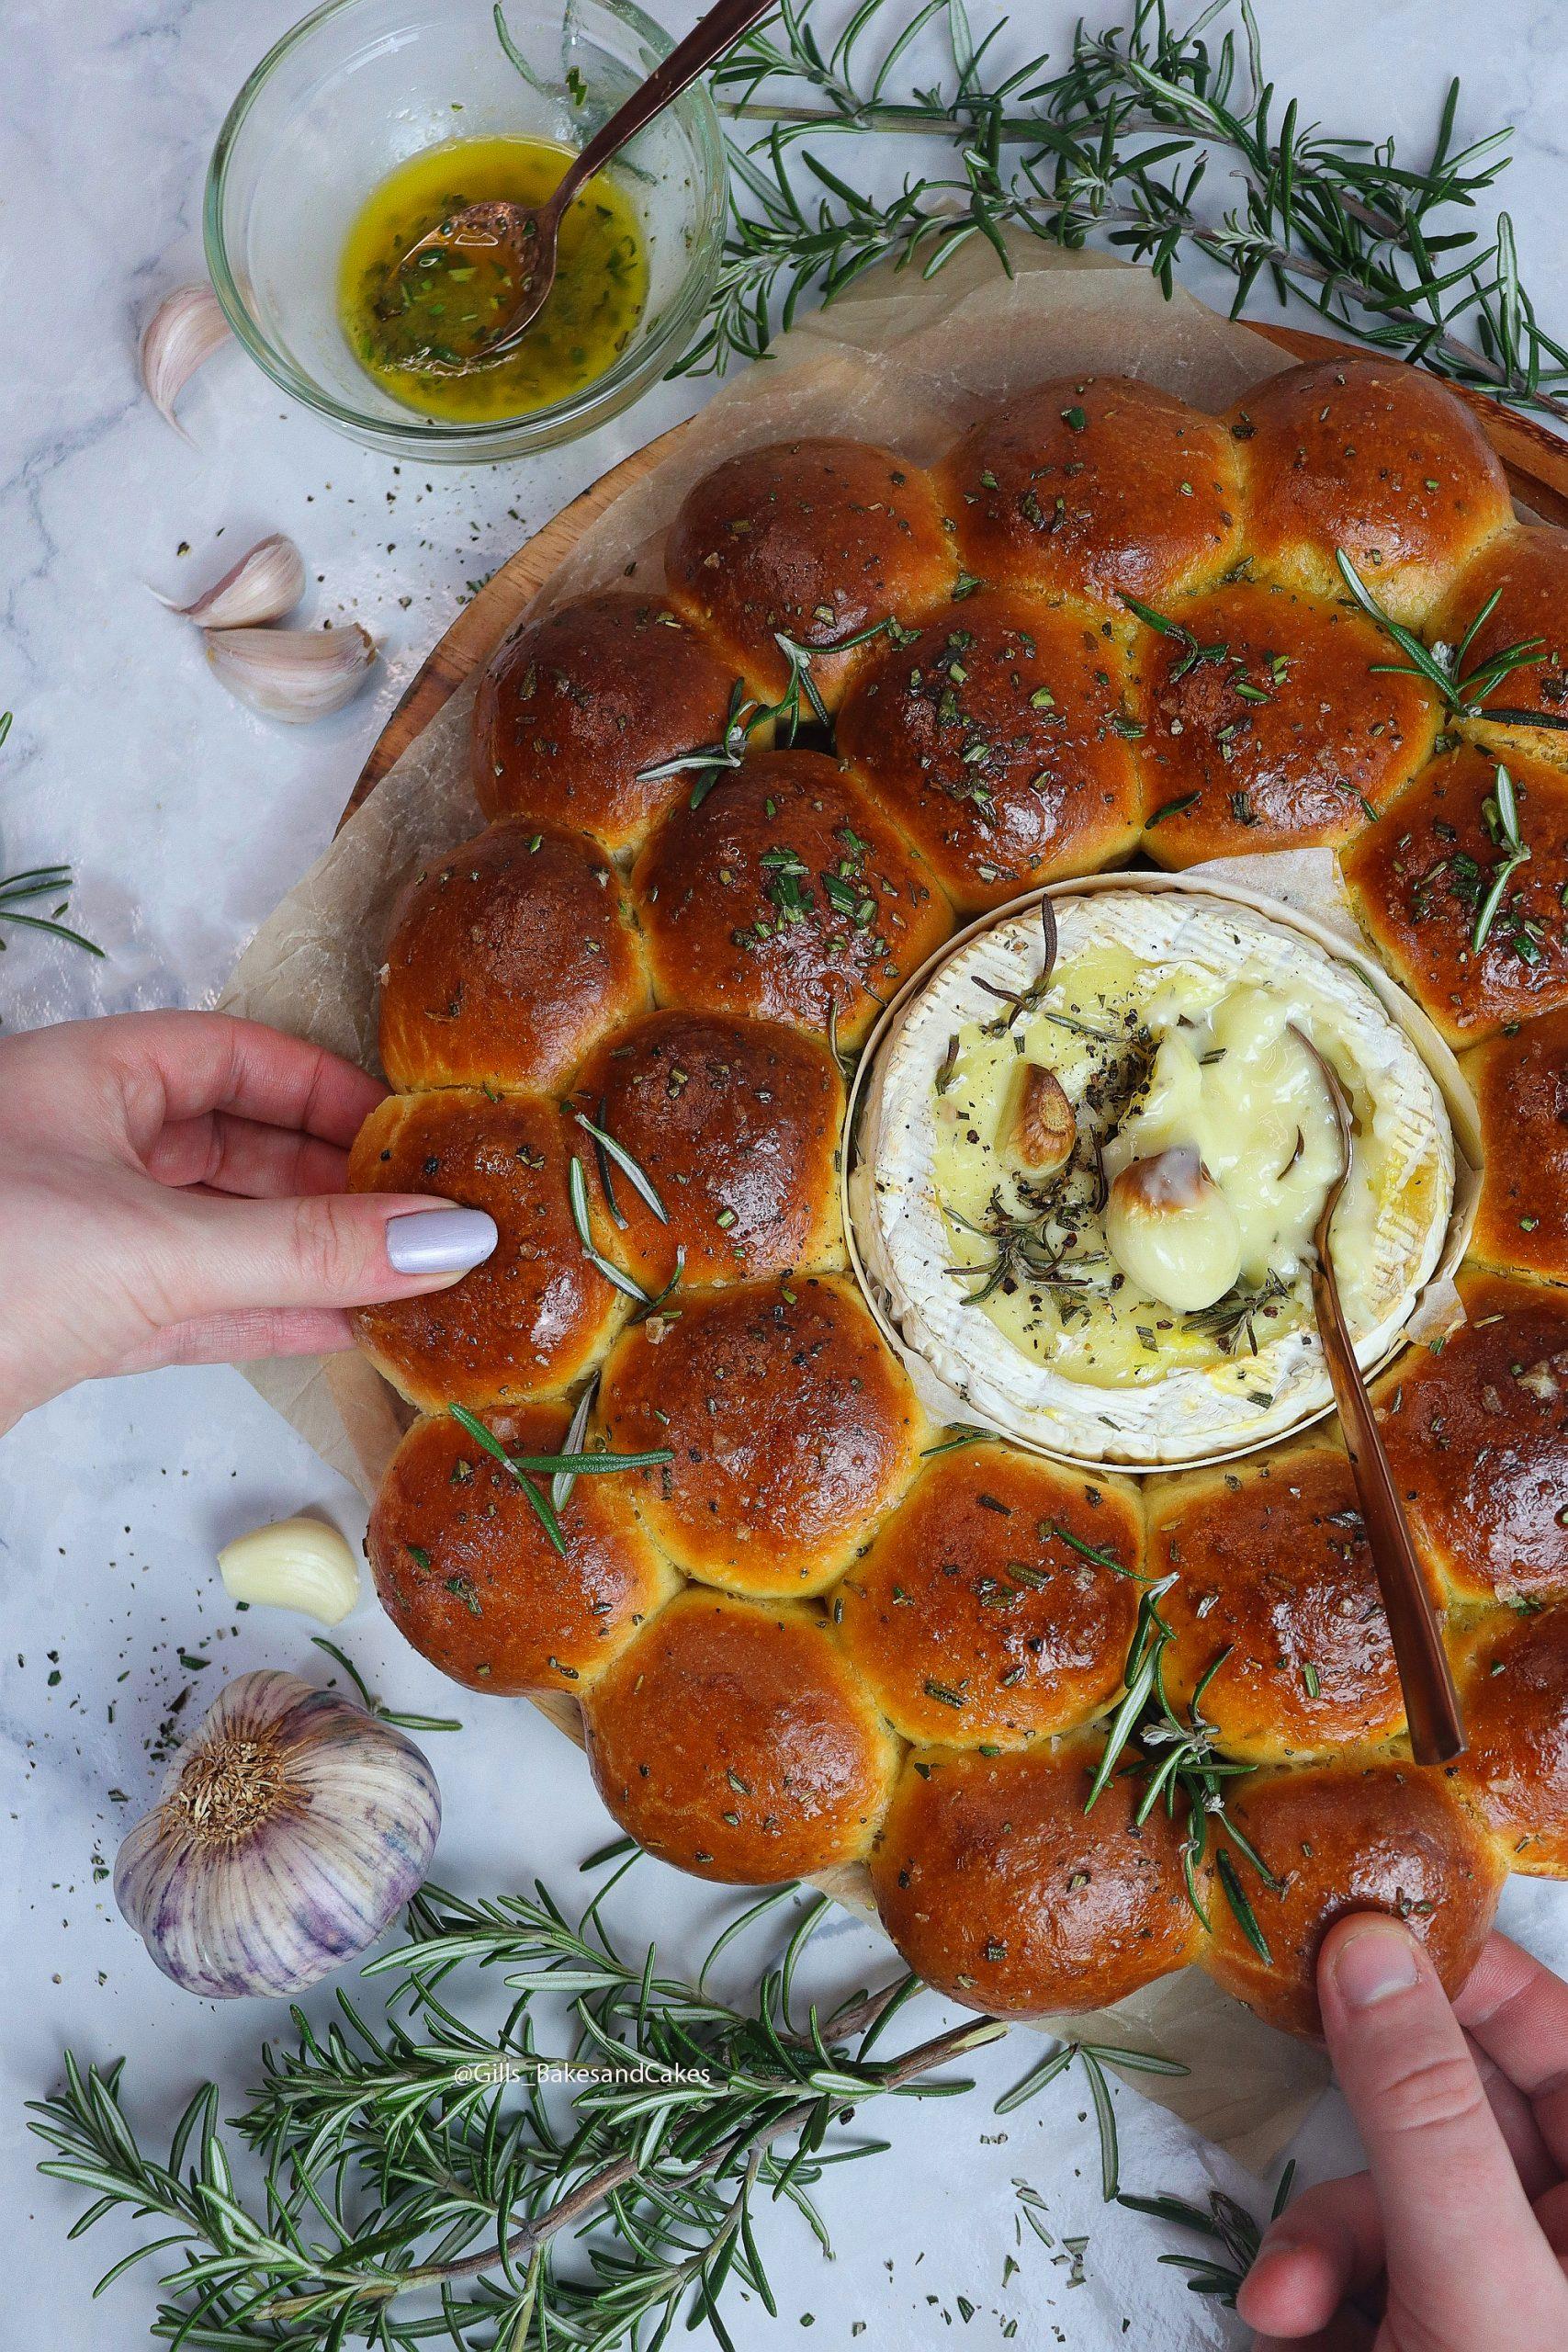 Baked Camembert, Garlic Rosemary Bread Rolls